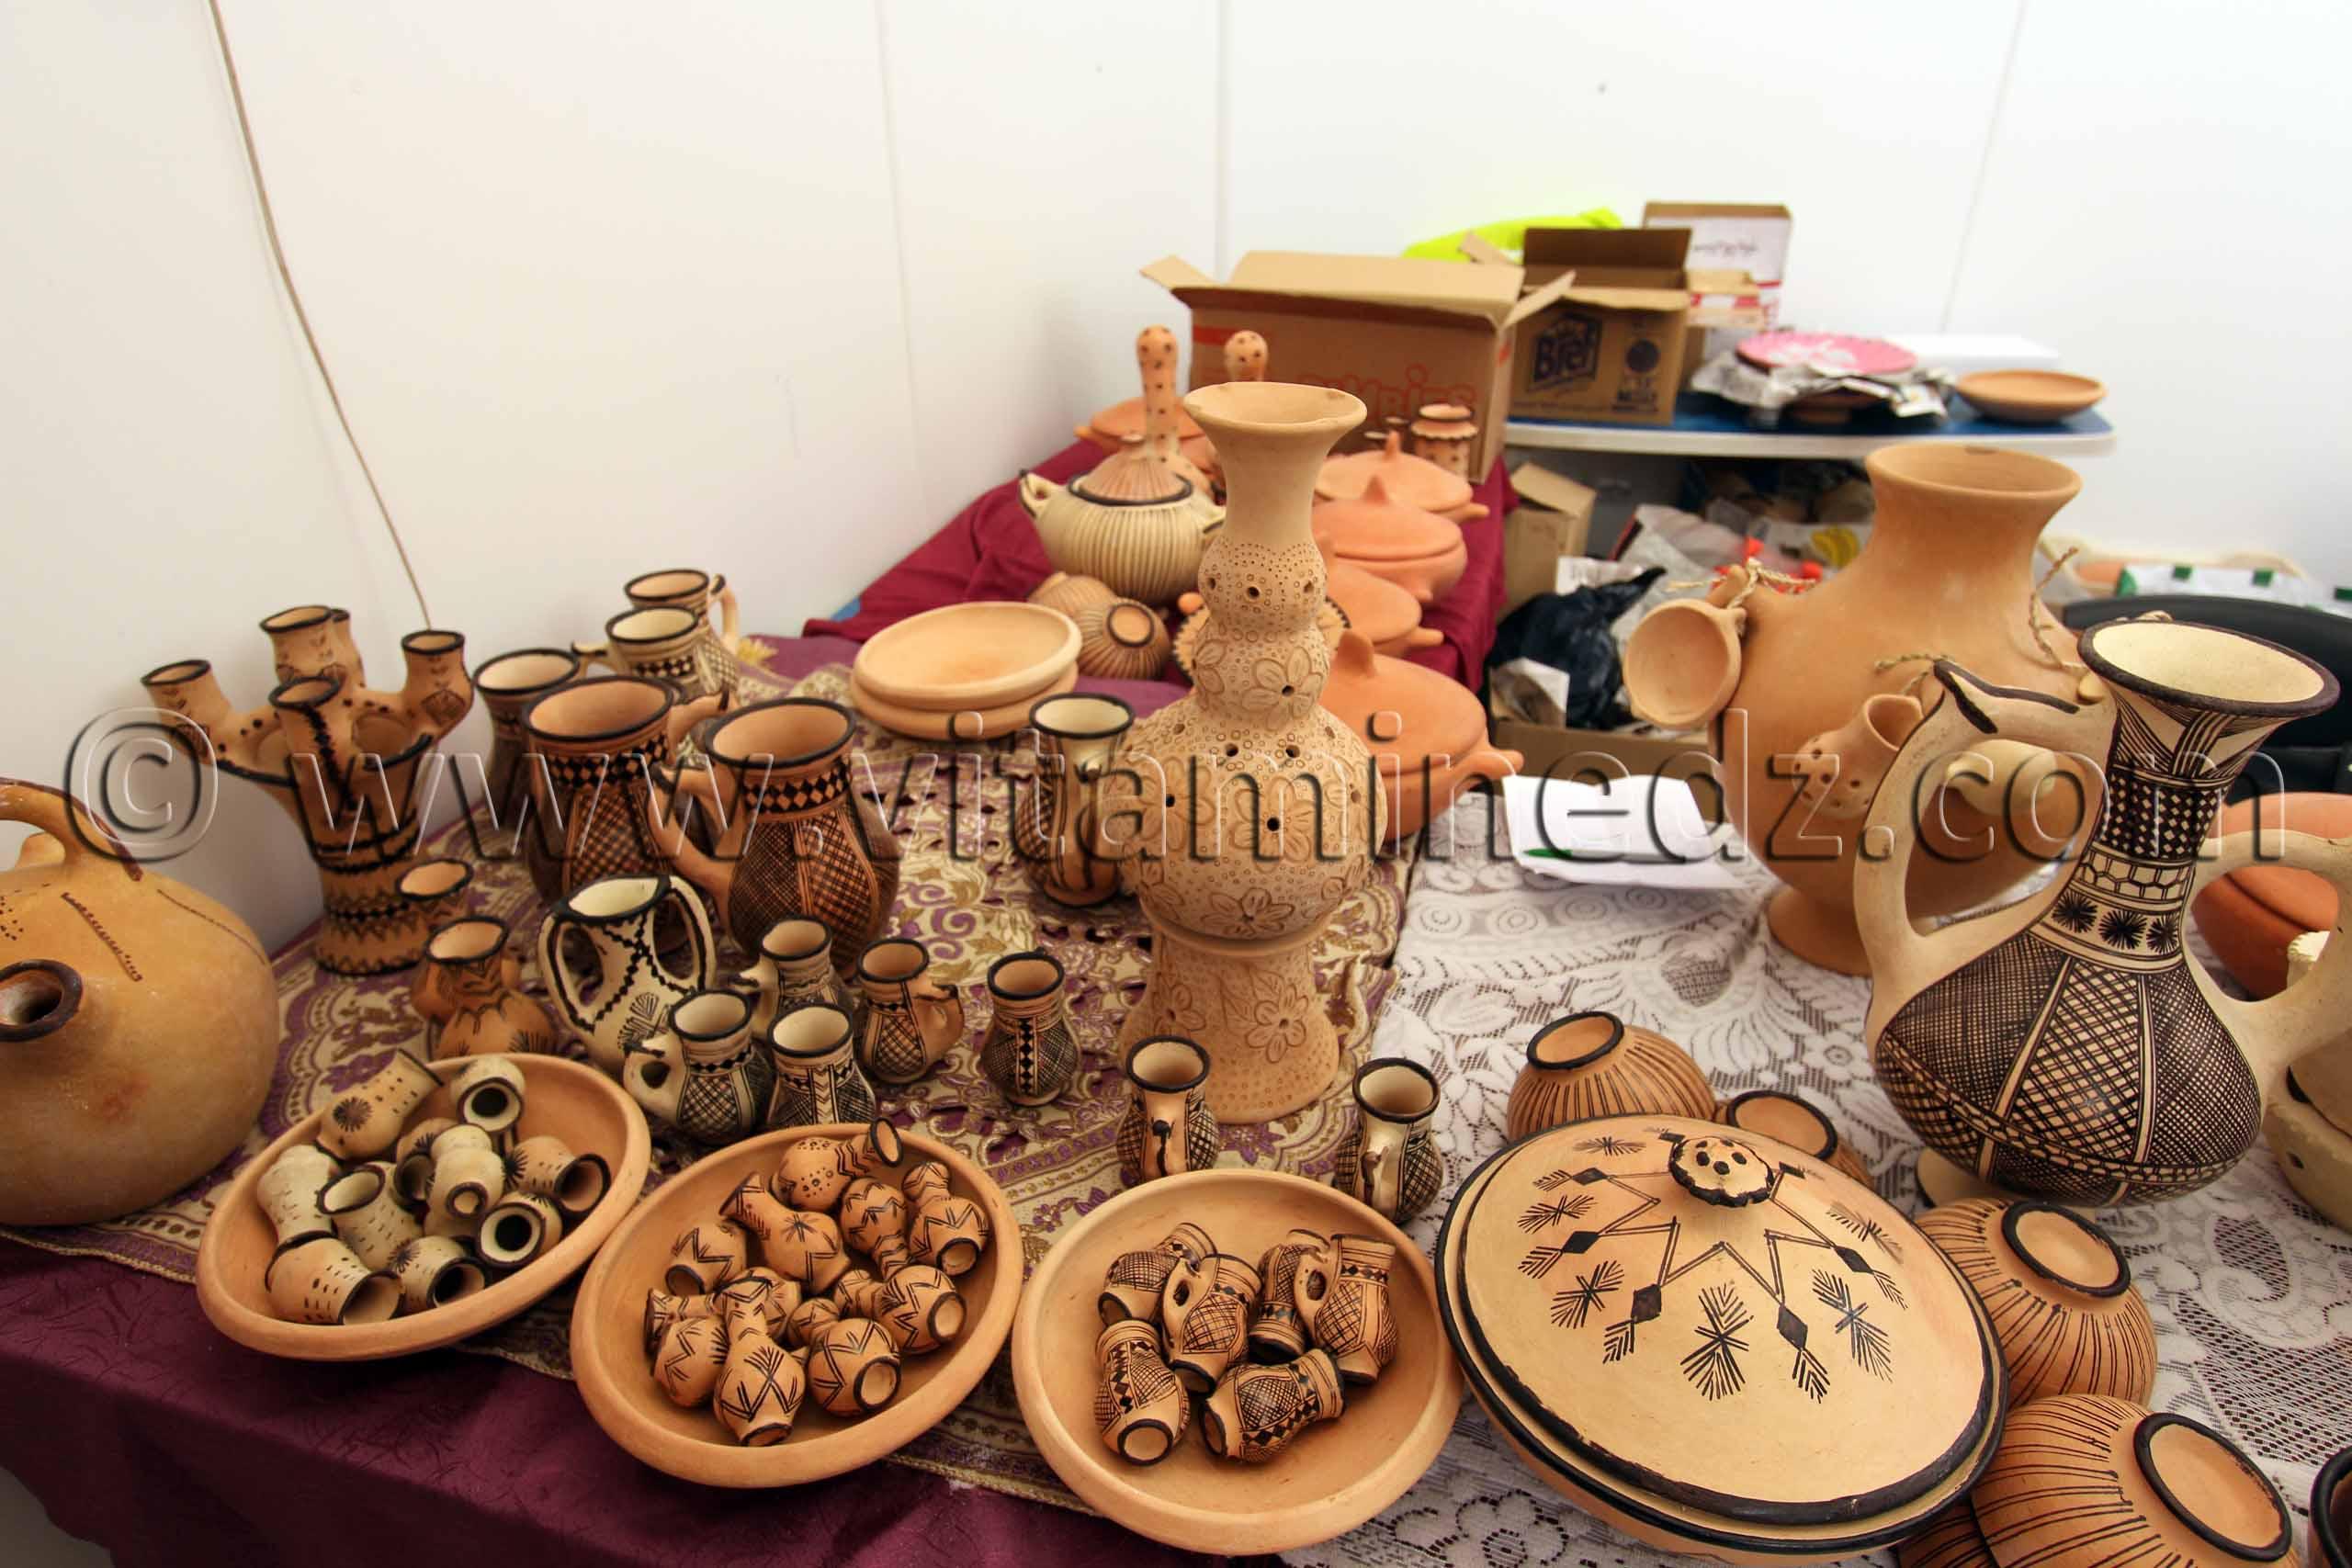 Poterie algerie artisanat et metiers photos for Ustensile de cuisine en a